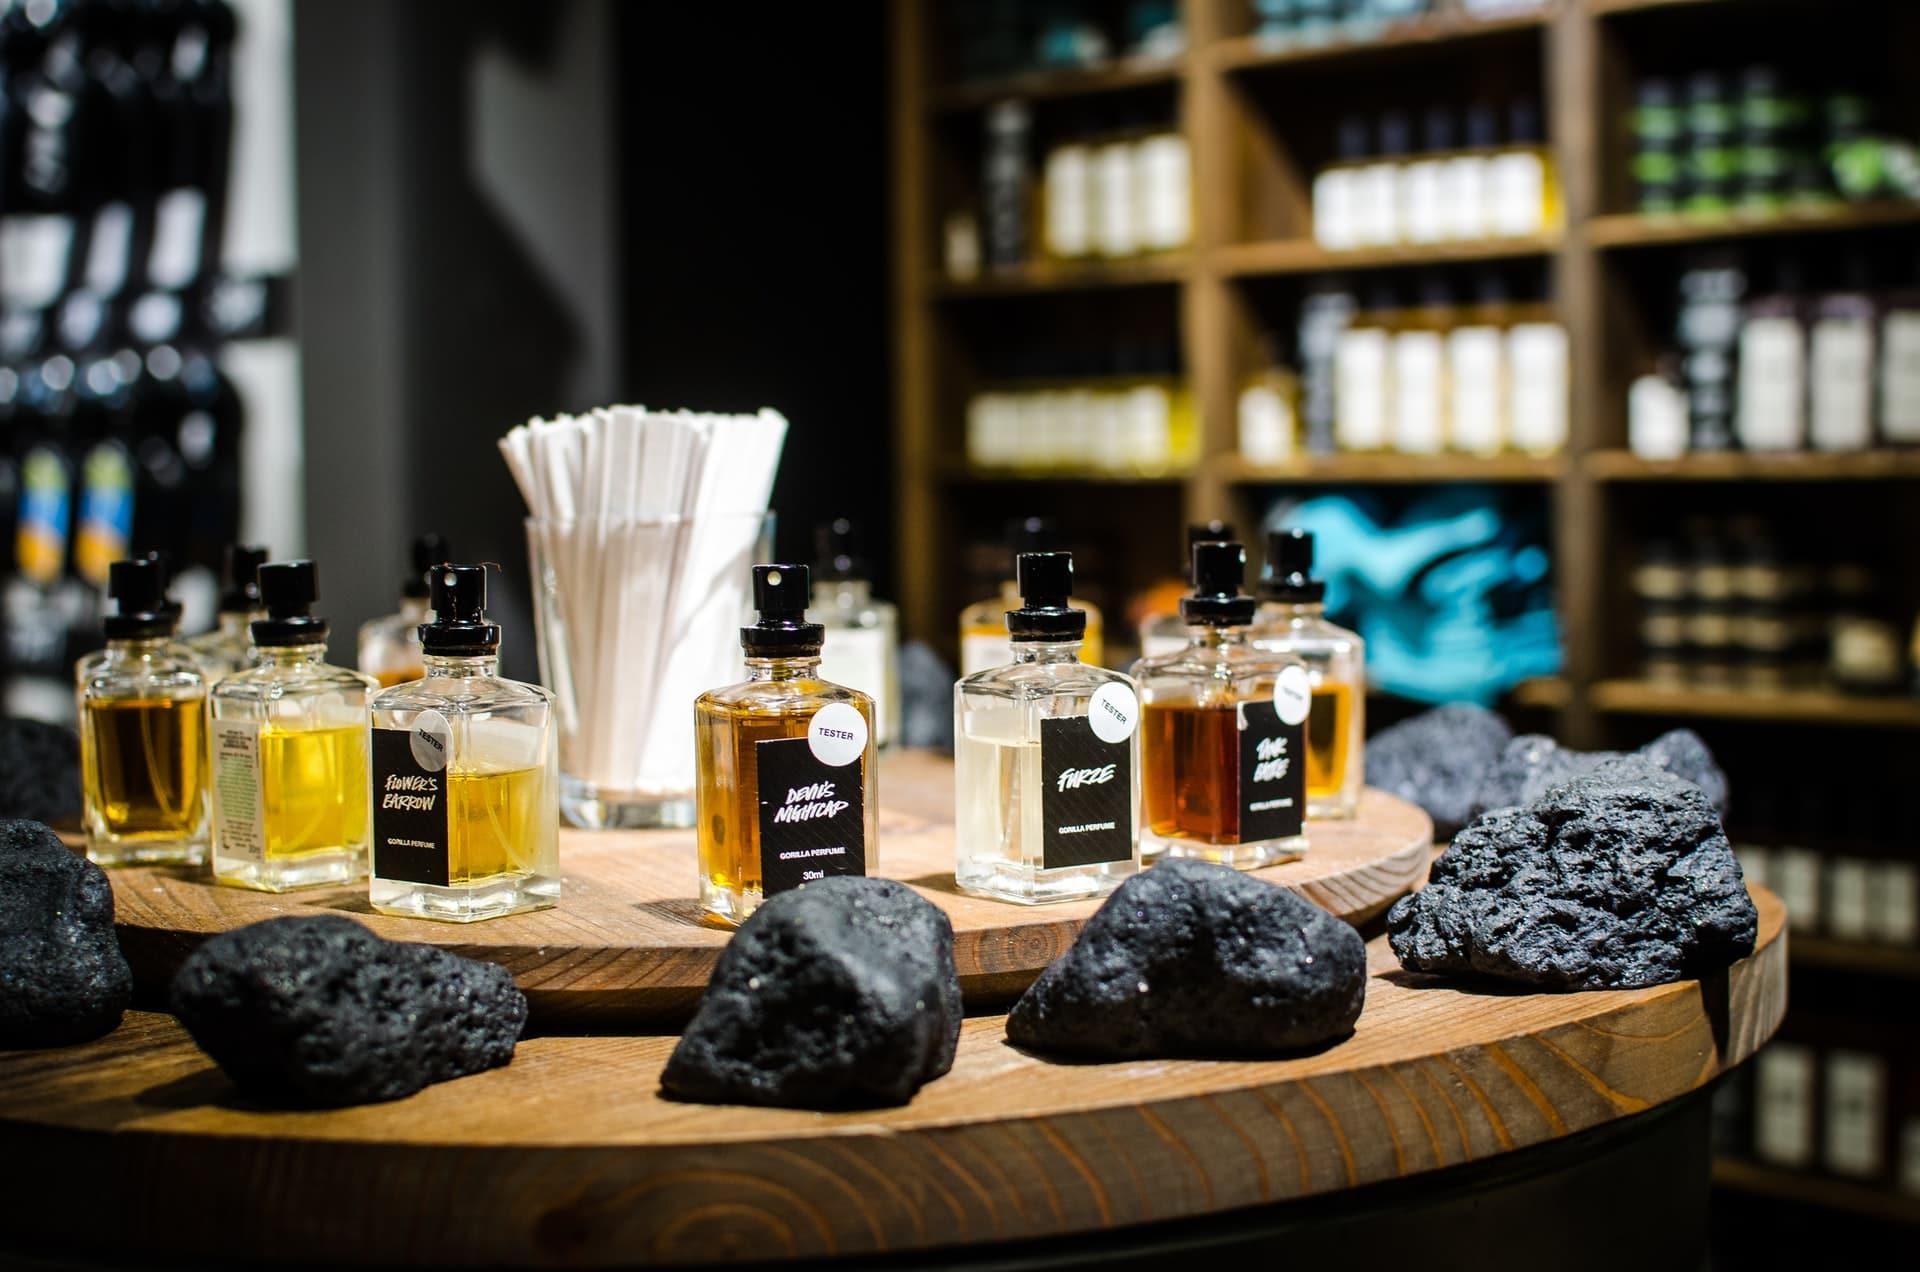 lush parfums naturels westfield les 4 temps cadeau noel